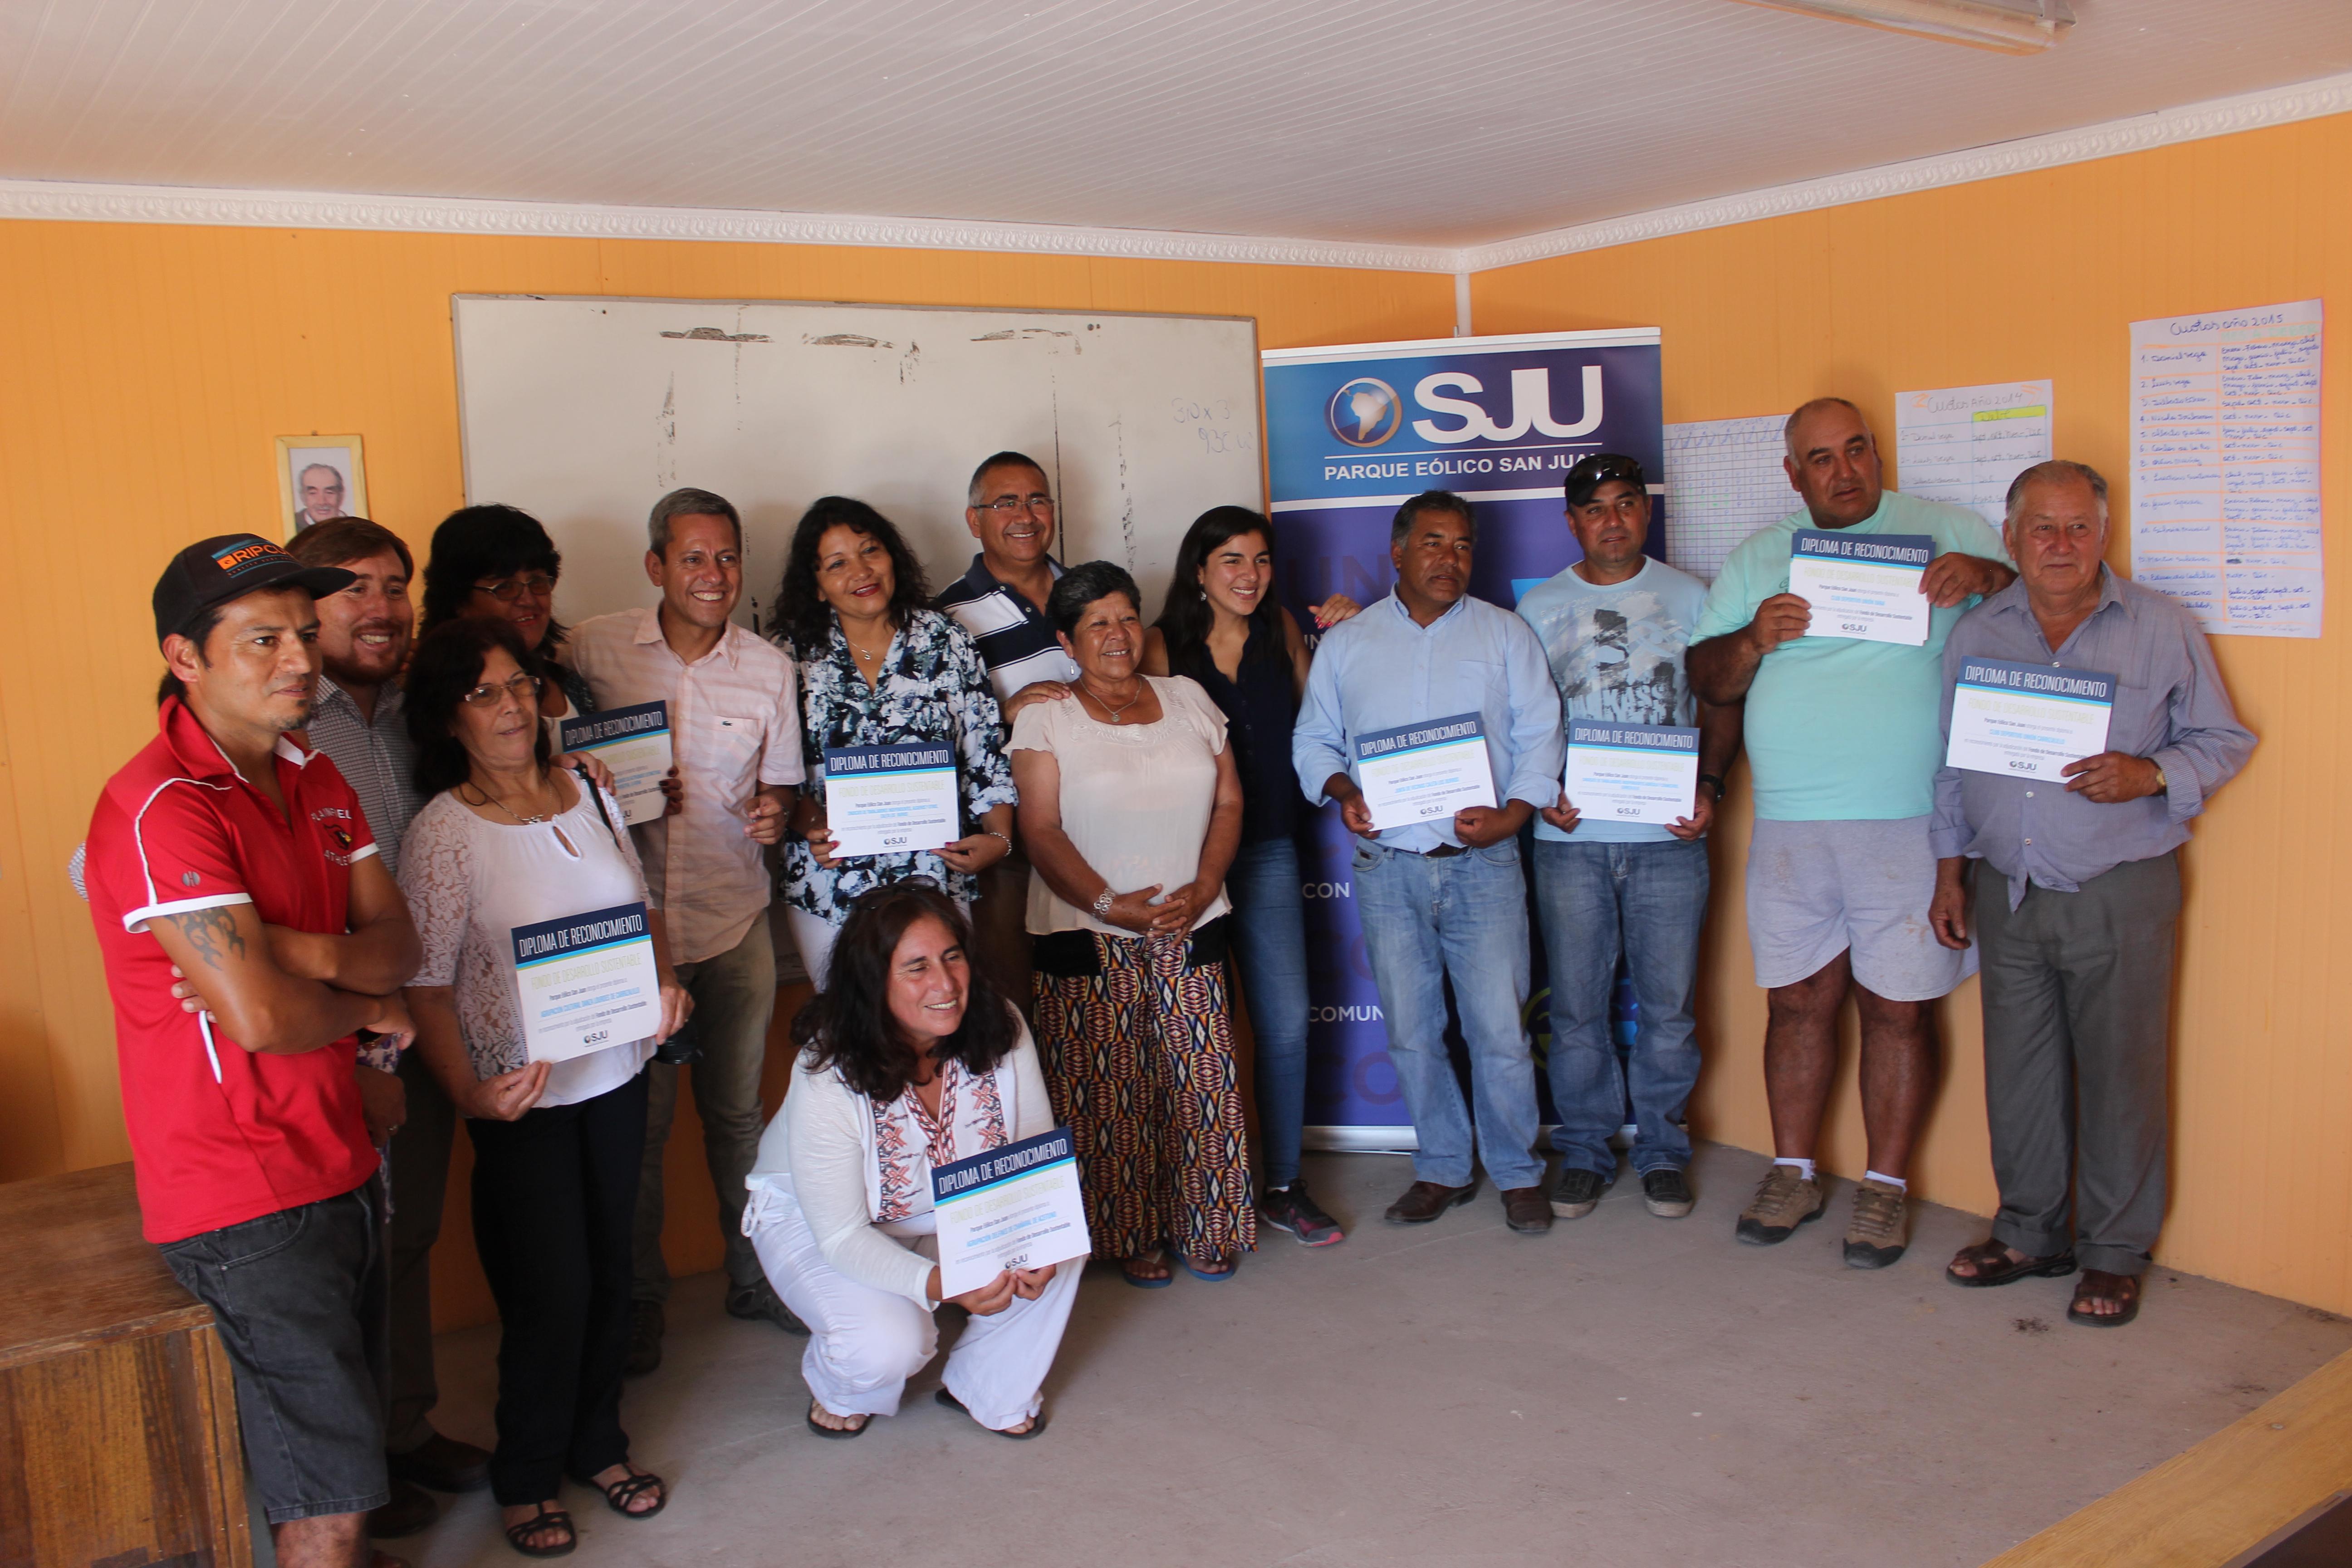 Parque eólico San Juan  entregó fondos de inversión comunitaria en sector costero de Freirina